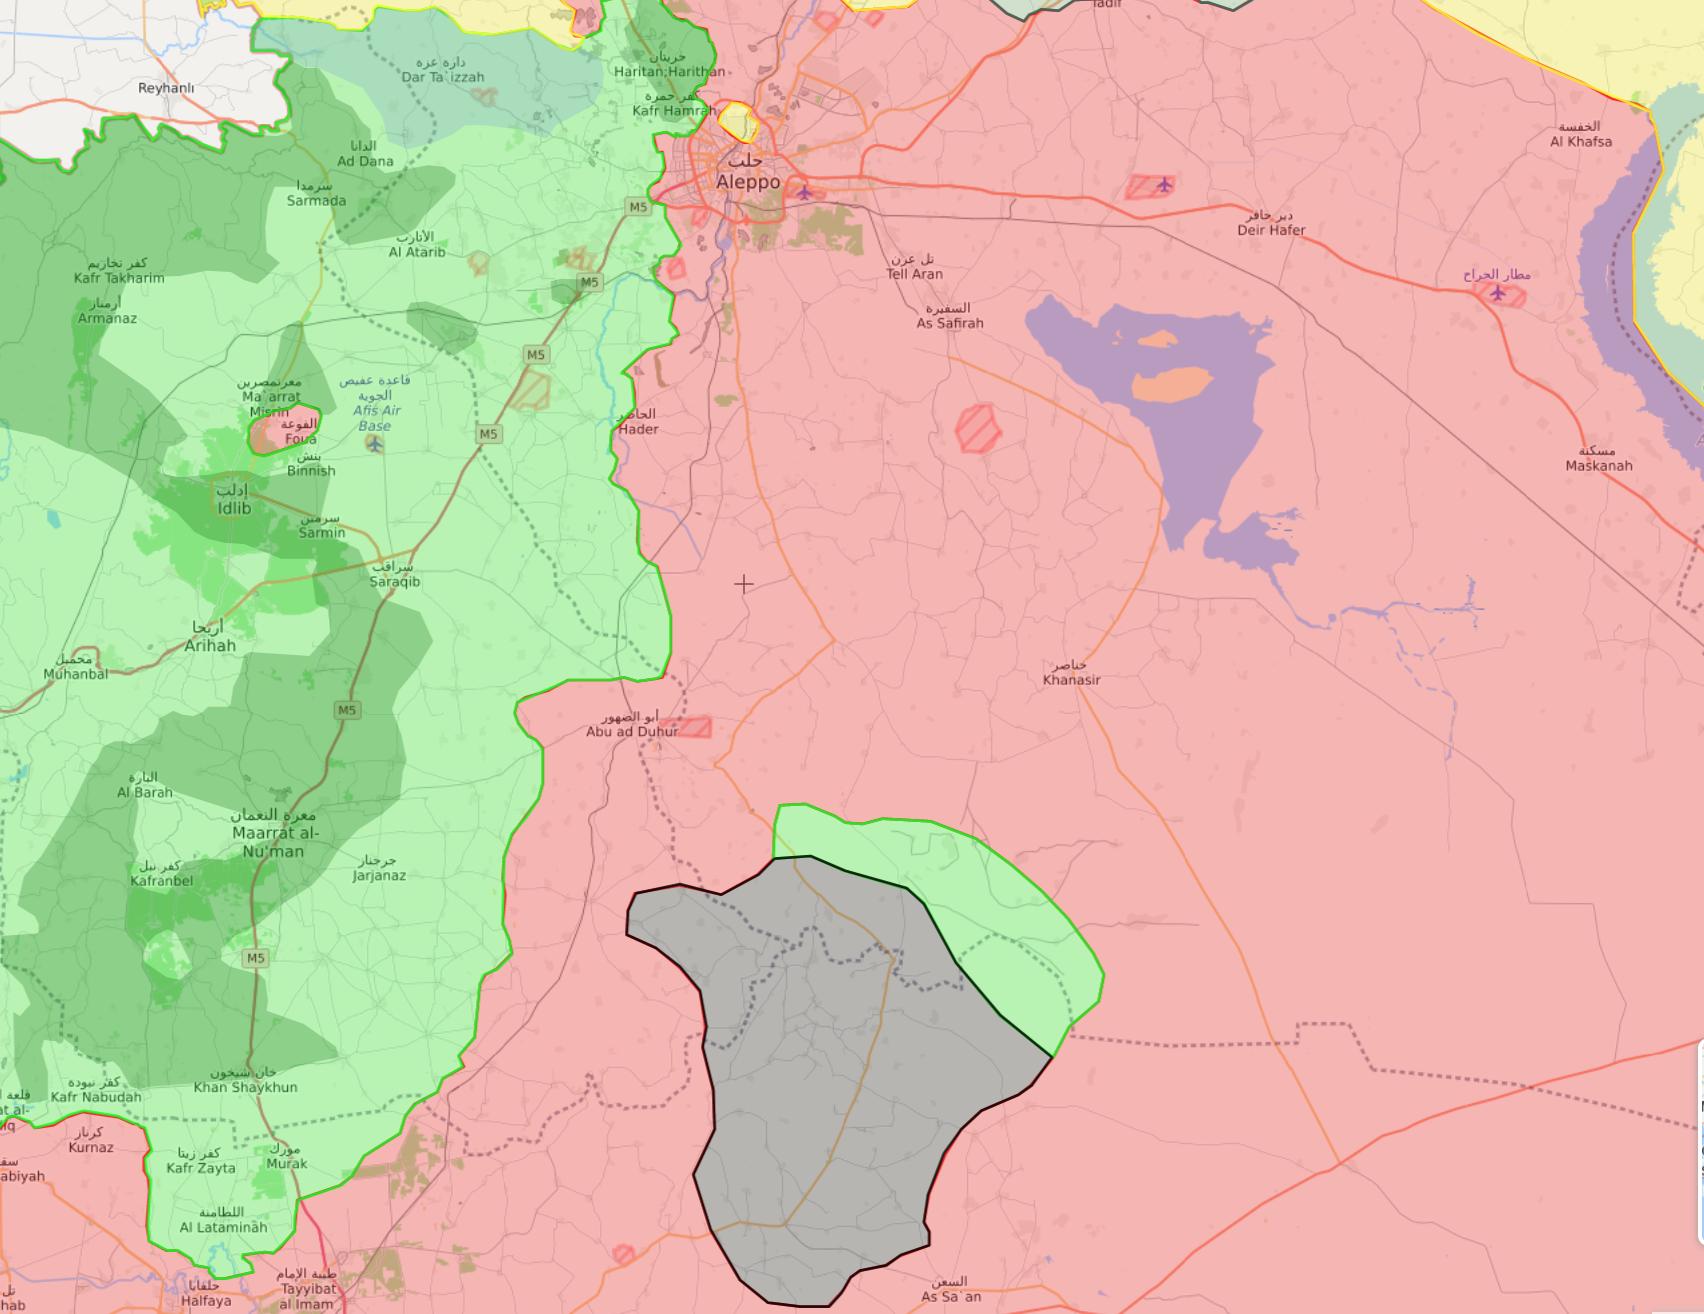 خريطة السيطرة في الشمال السوري - 31 كانون الثاني 2018 (livemap)